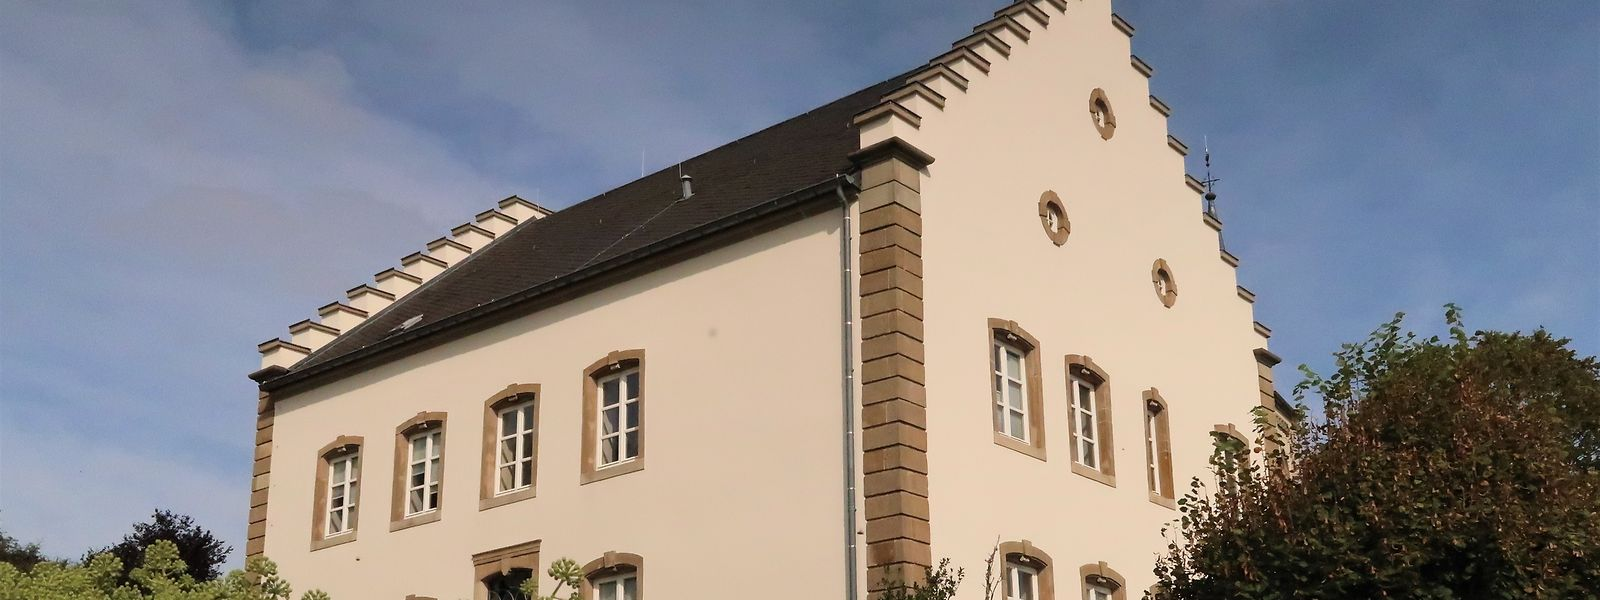 Das Aussehen des ehemaligen Pfarrhauses wird sich durch den Ausbau kaum ändern. Im Dach werden lediglich unauffällige Liegefenster eingebaut.